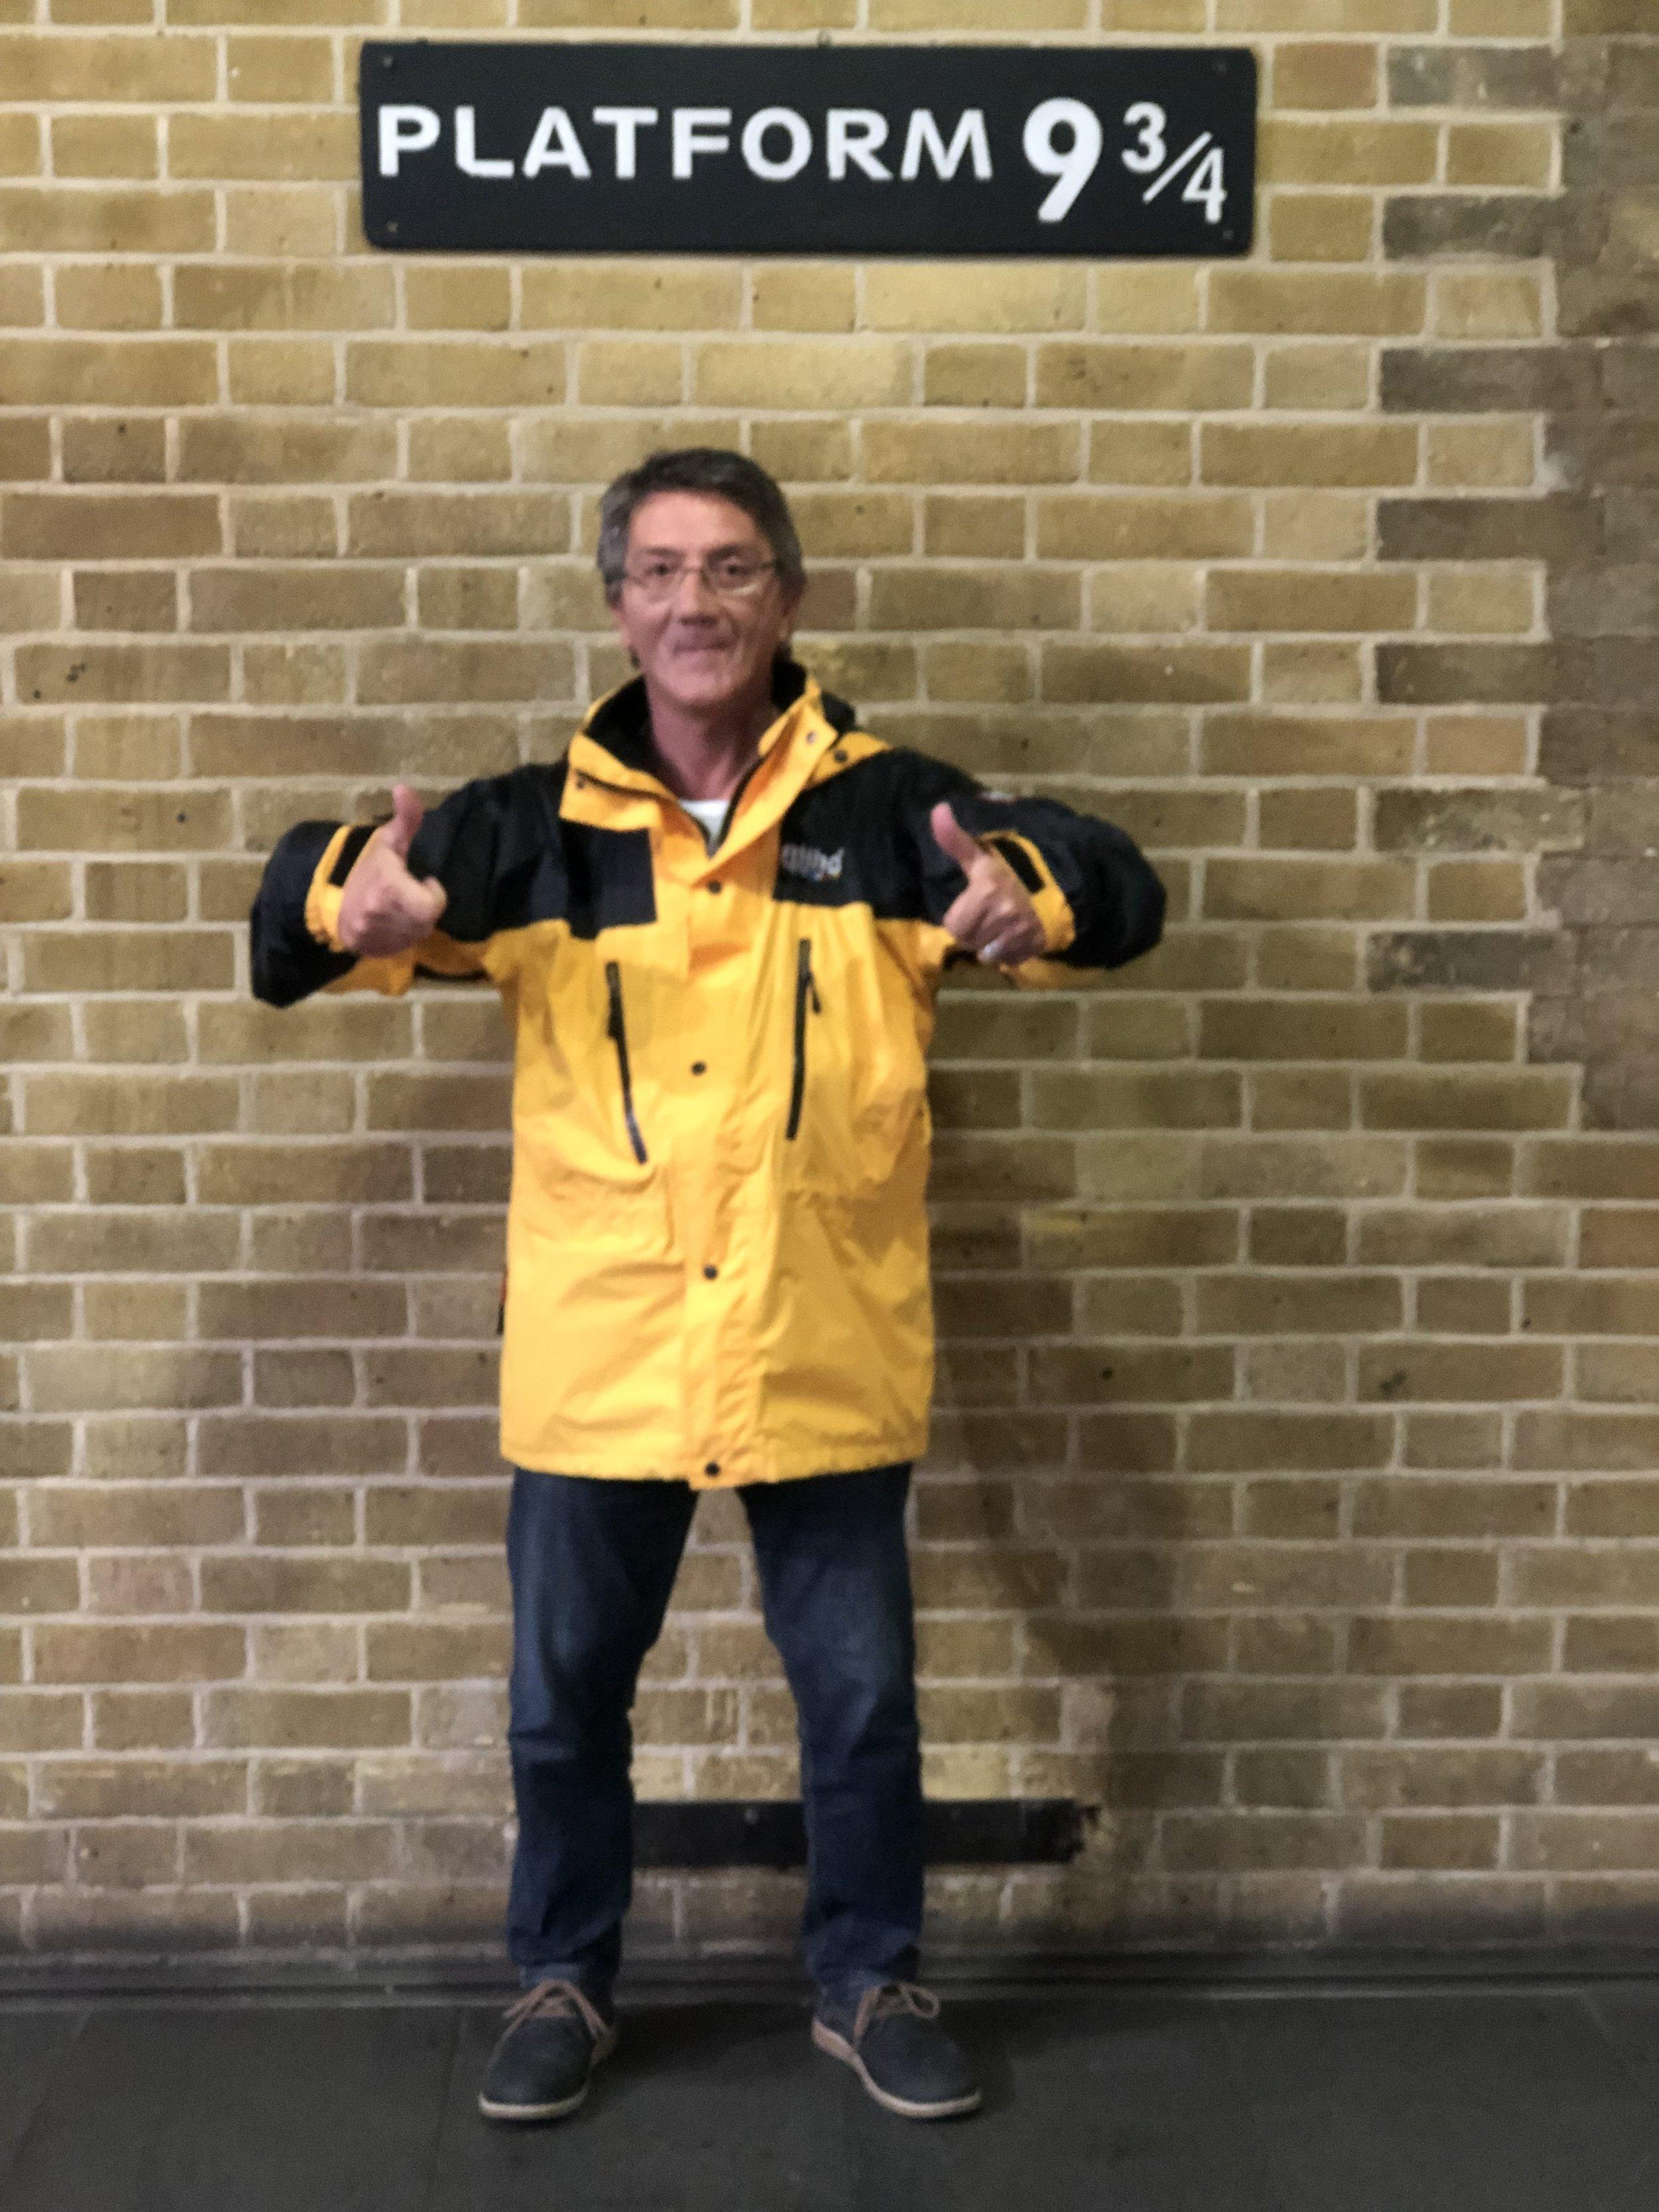 José busca una puerta mágica que le cambiará la vida. (Foto tomada en Londres.)